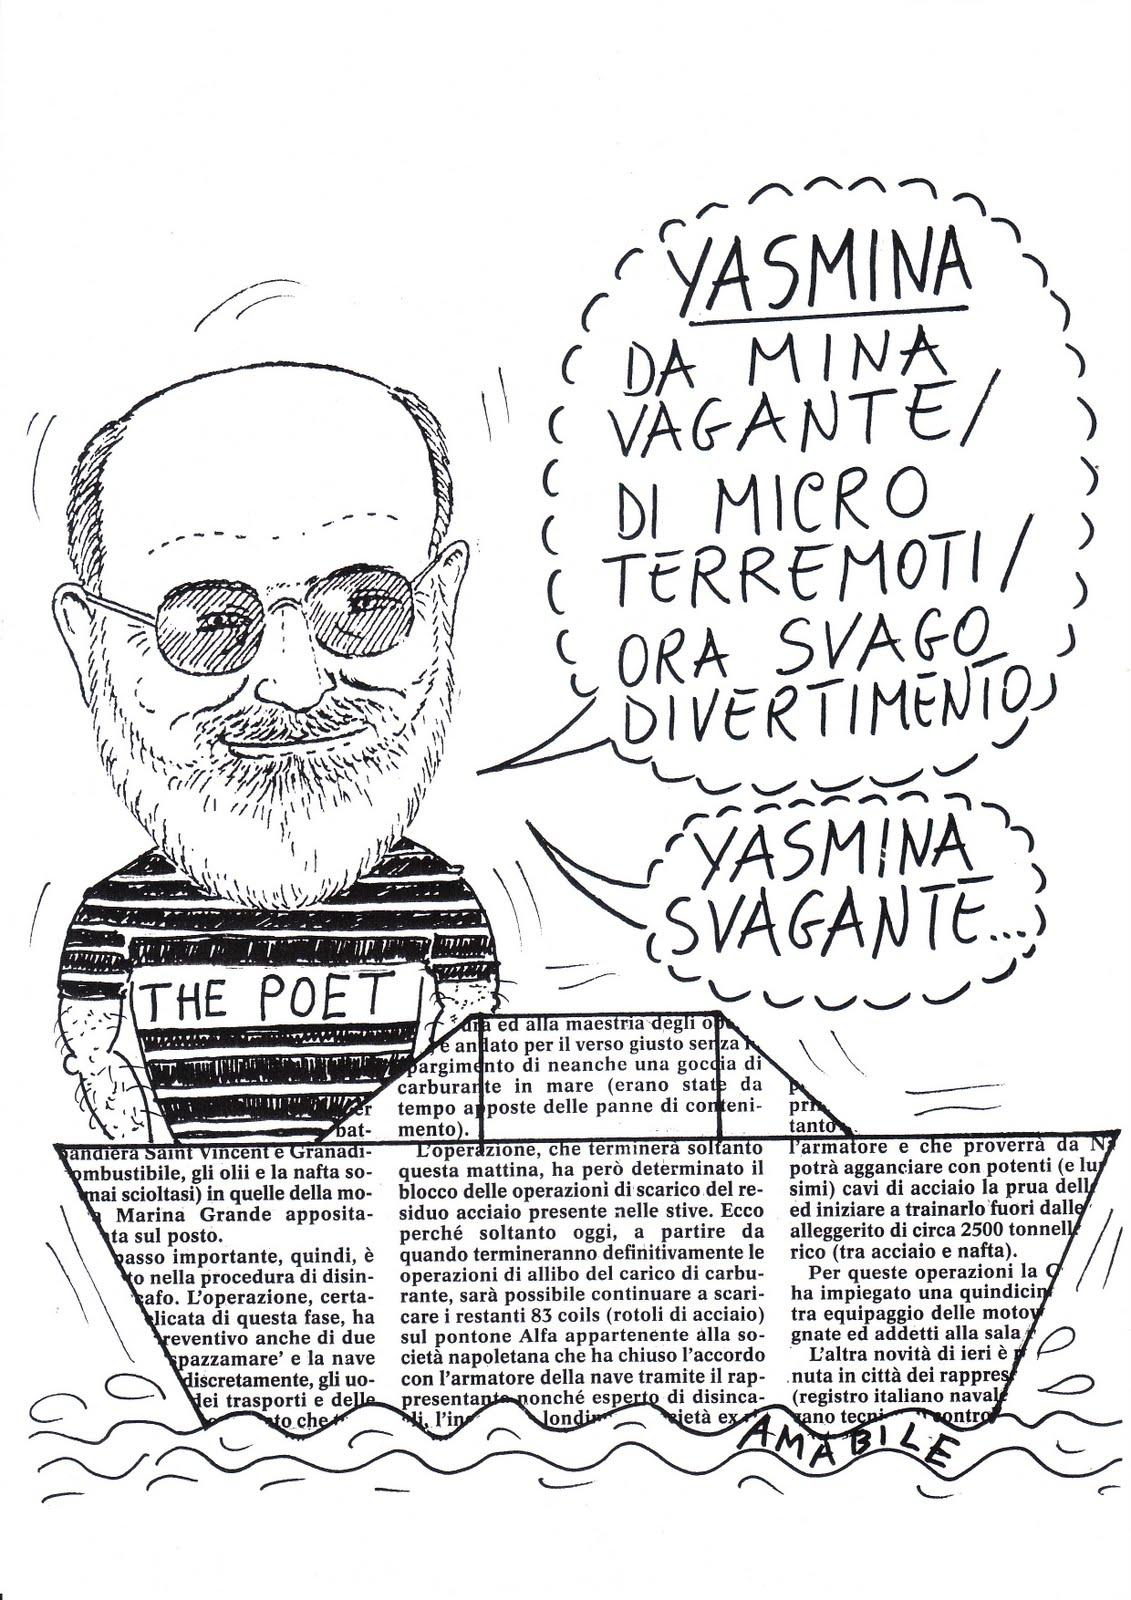 Amabile Satira Salerno Amarcord Sei Anni Fa Yasmina